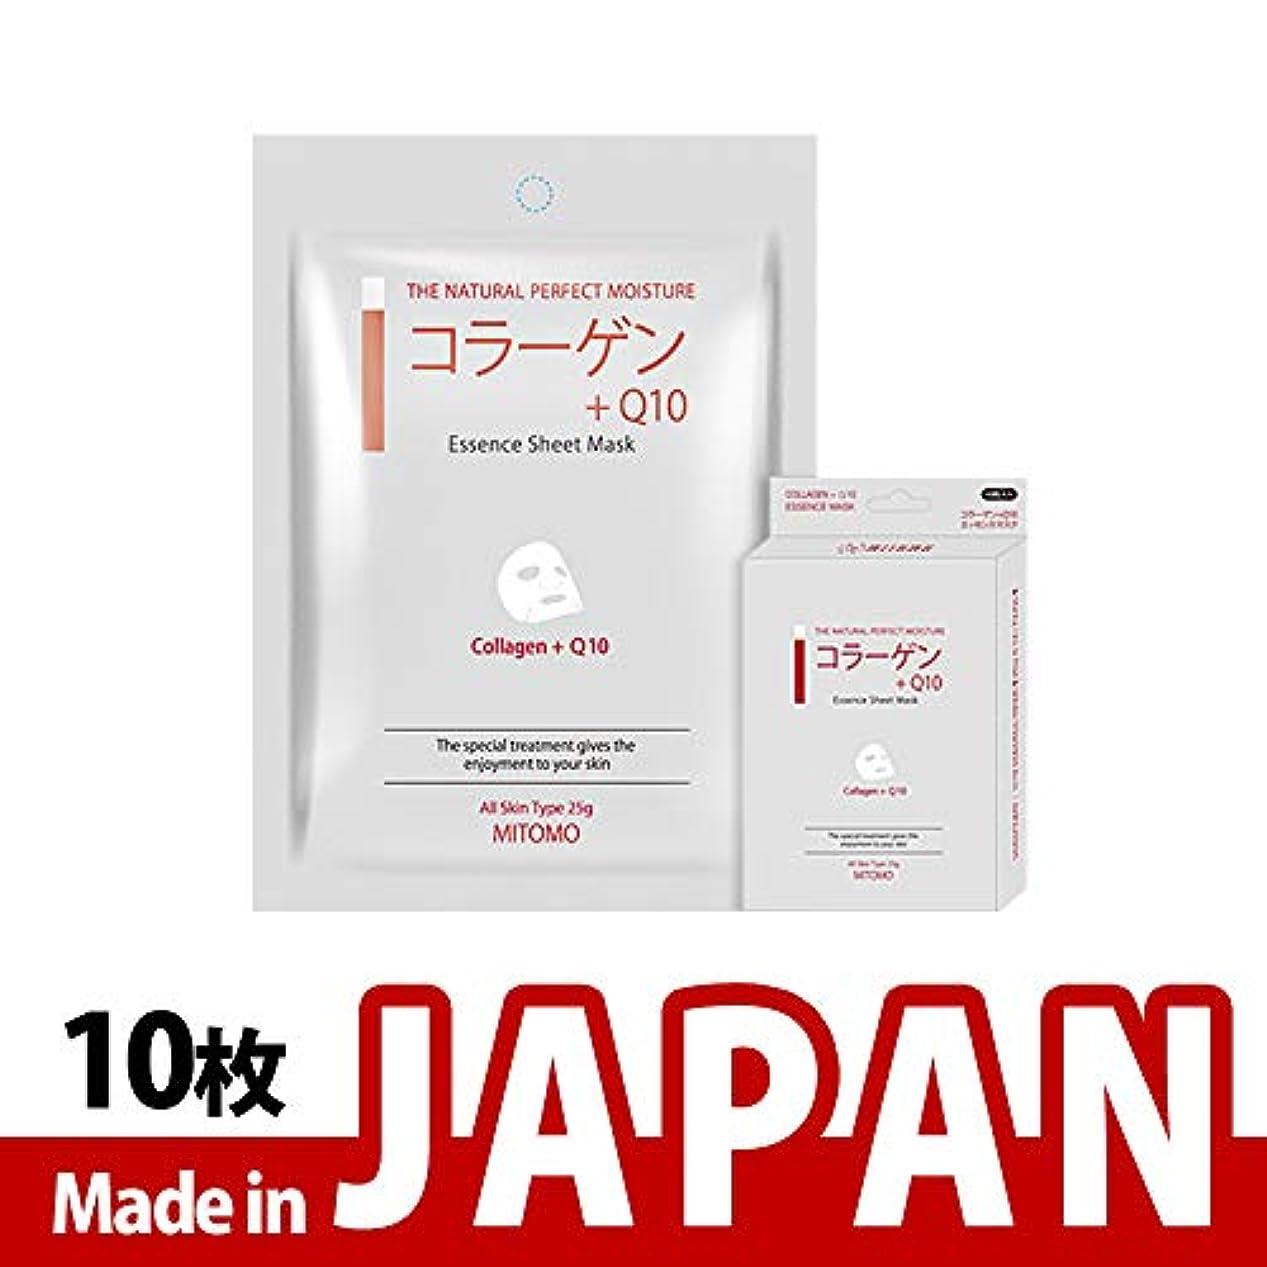 体アデレードグローMITOMO【MC001-A-1】日本製コラーゲン+Q10抗酸化効果 弾力シートマスク/10枚入り/10枚/美容液/マスクパック/送料無料